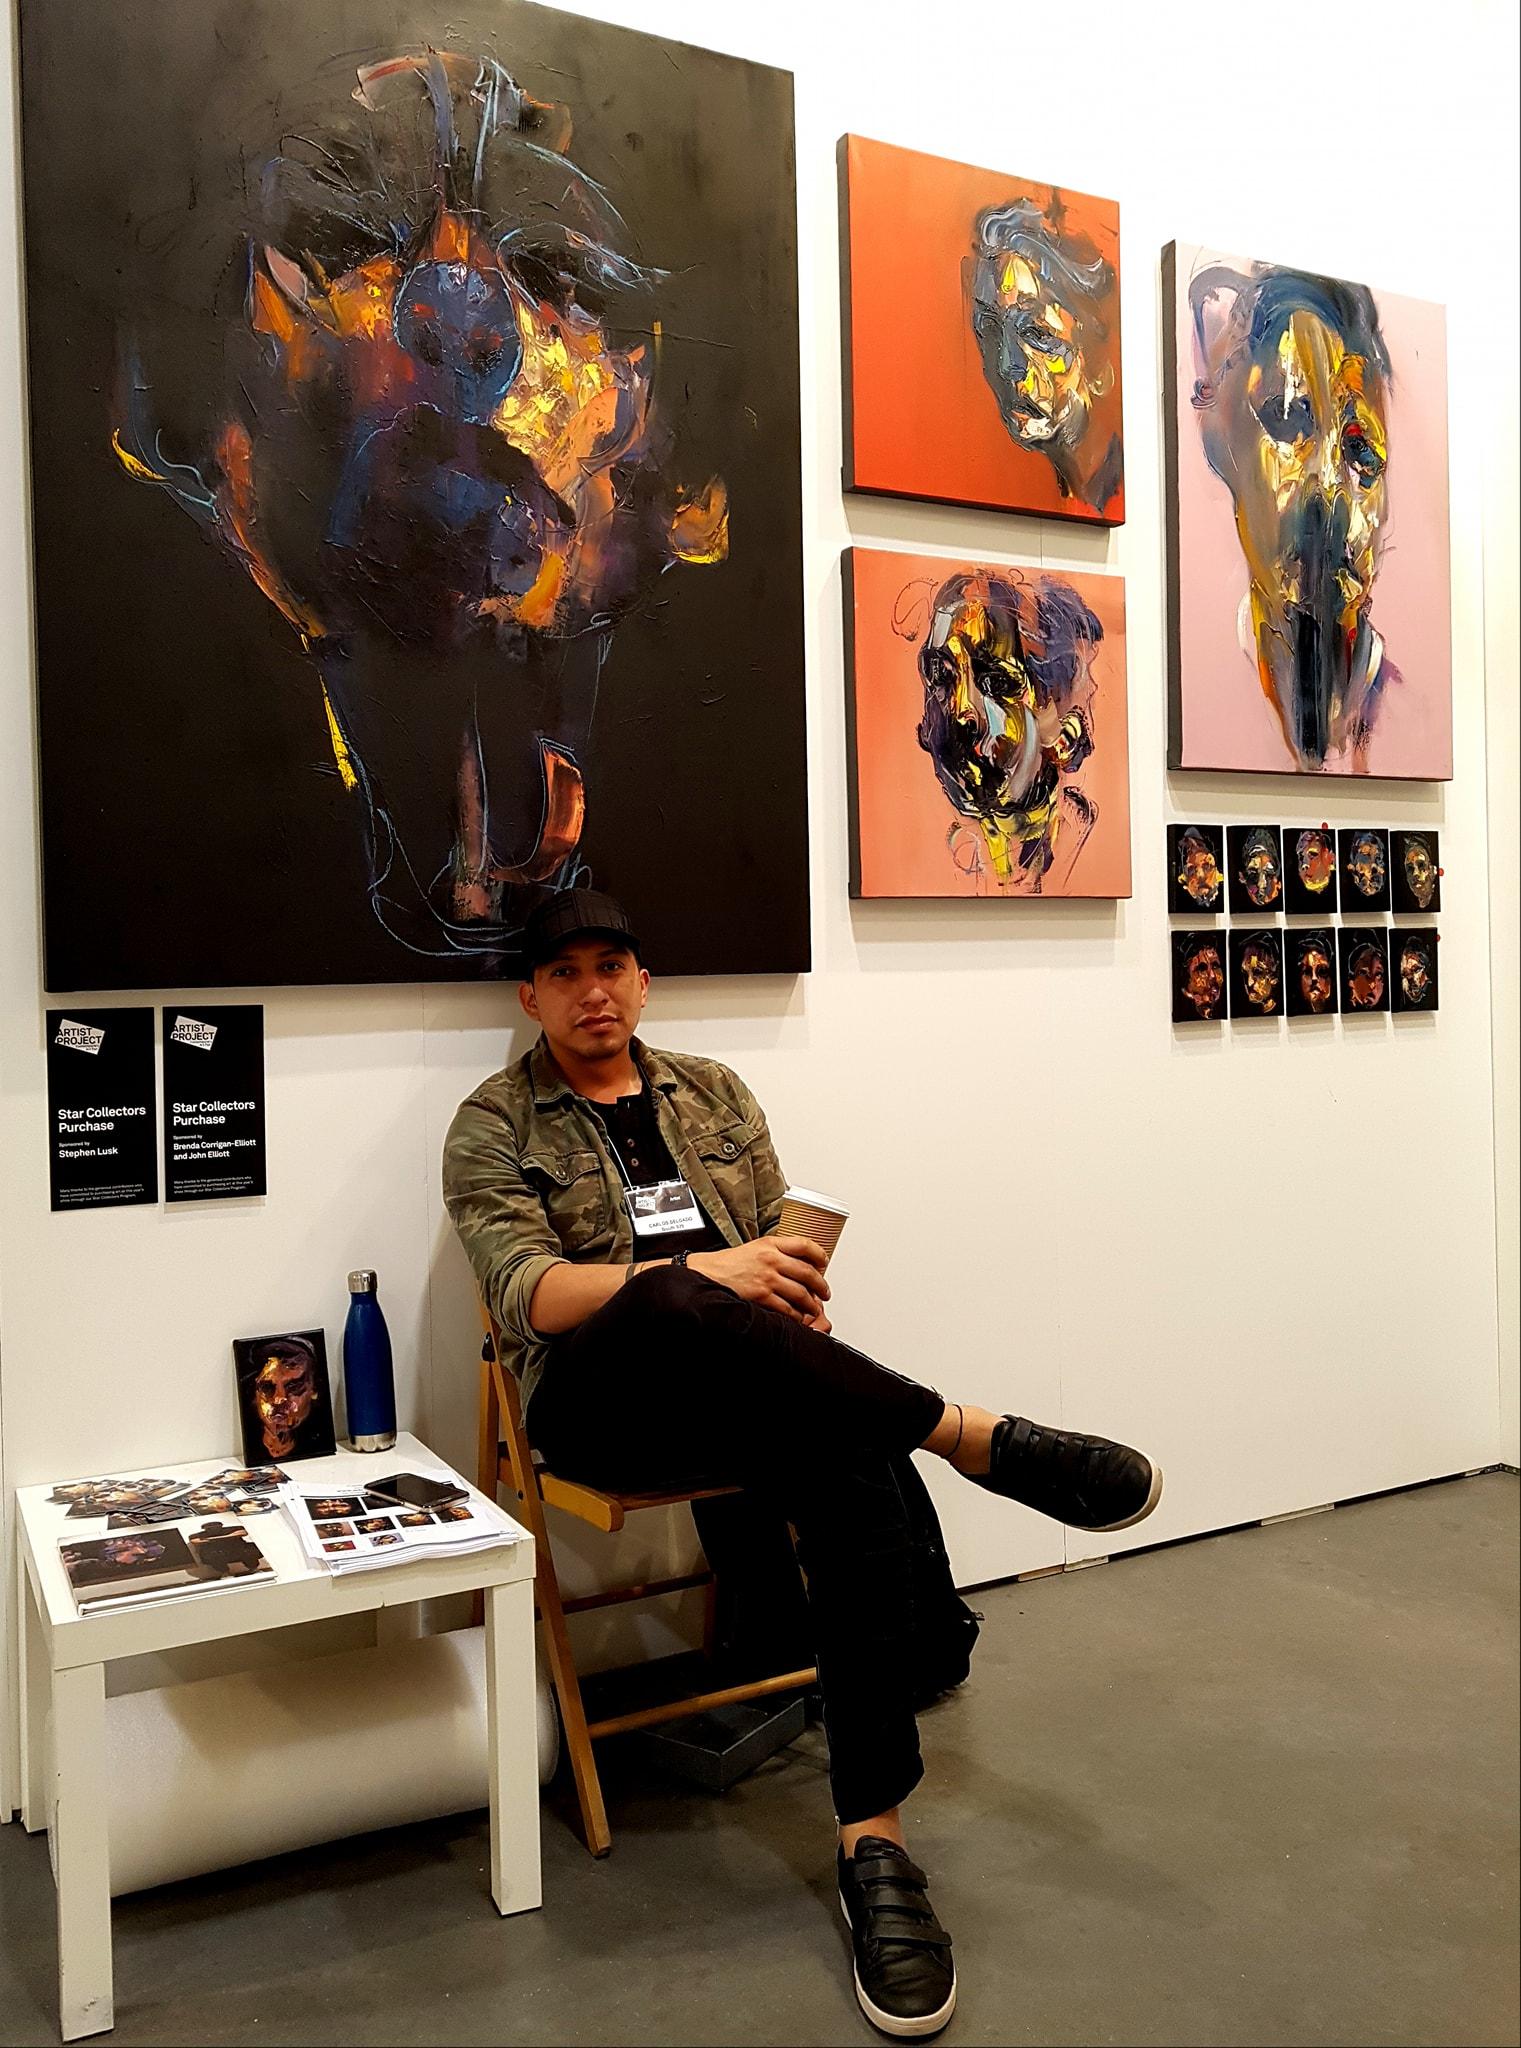 Close up of abstract portraits by Carlos Delgado at art fair in Toronto